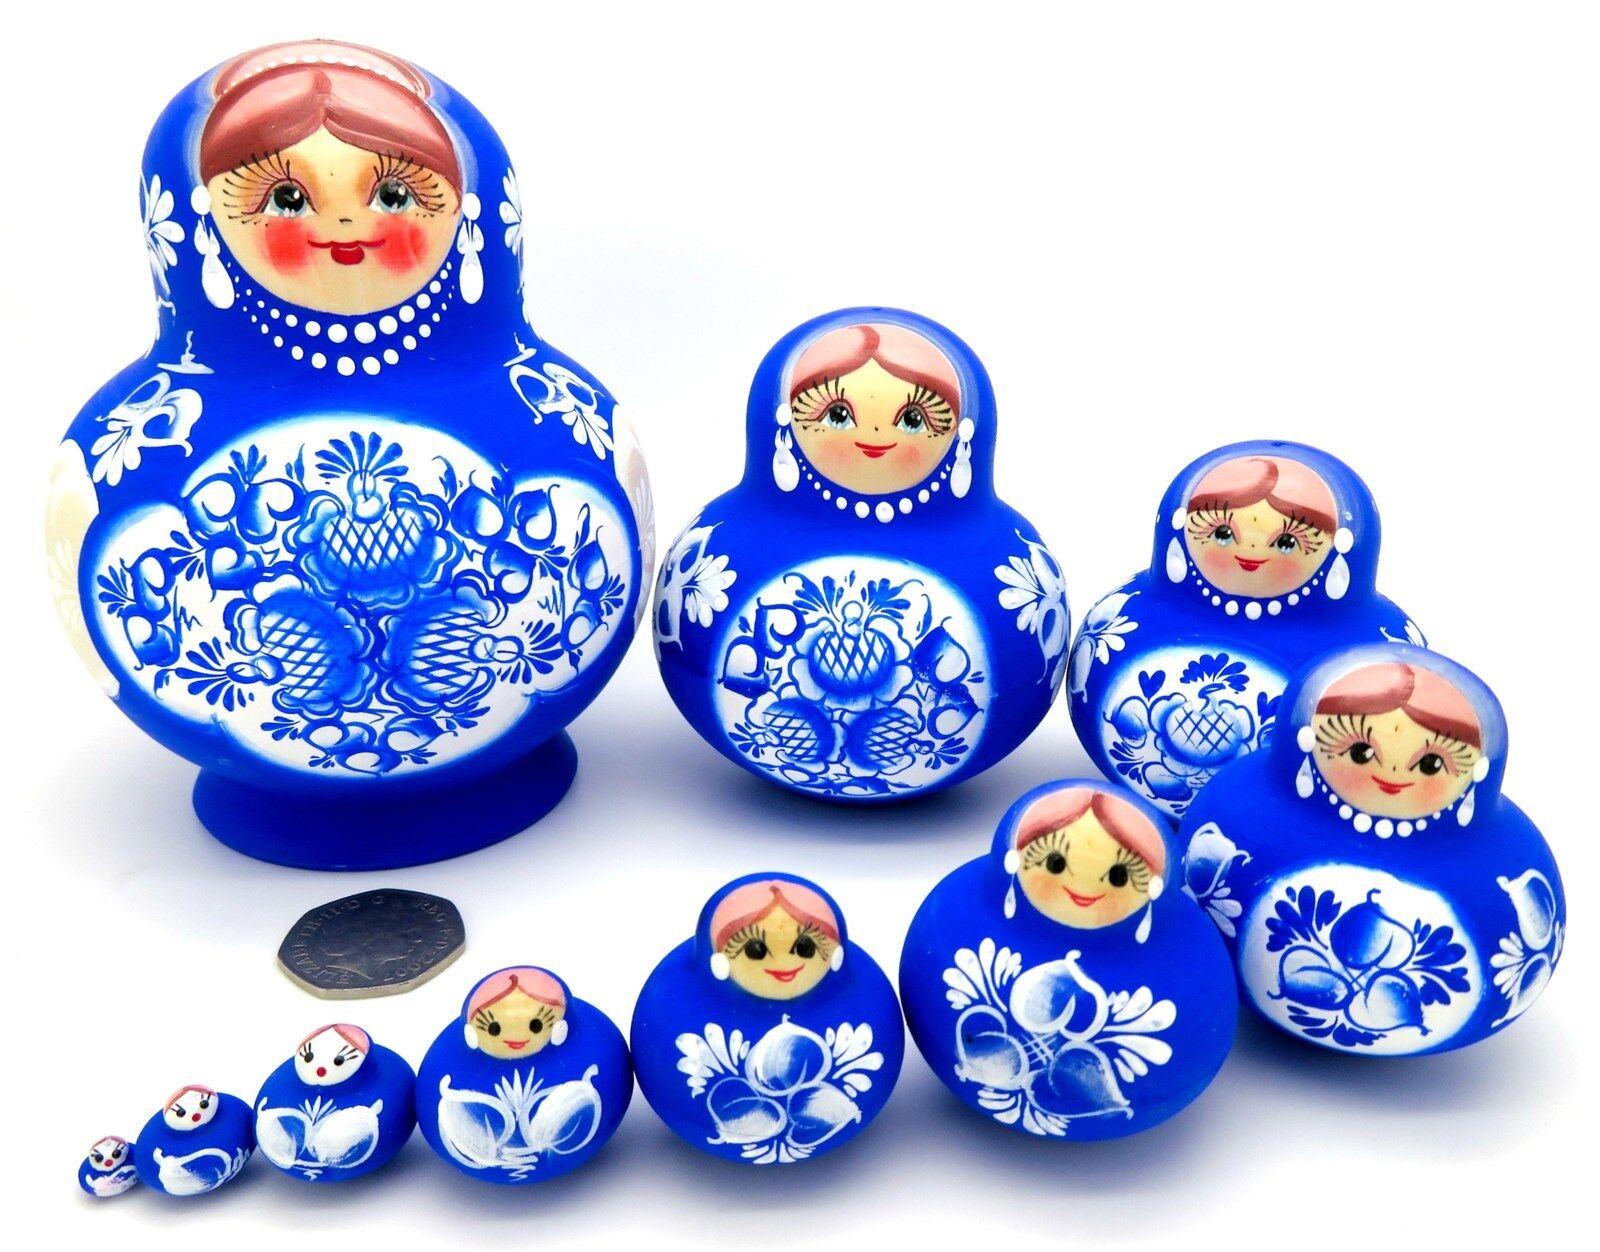 Verschachtelte Russisch Puppen Matryoshka Original matt handbemalt blau Weiß 10